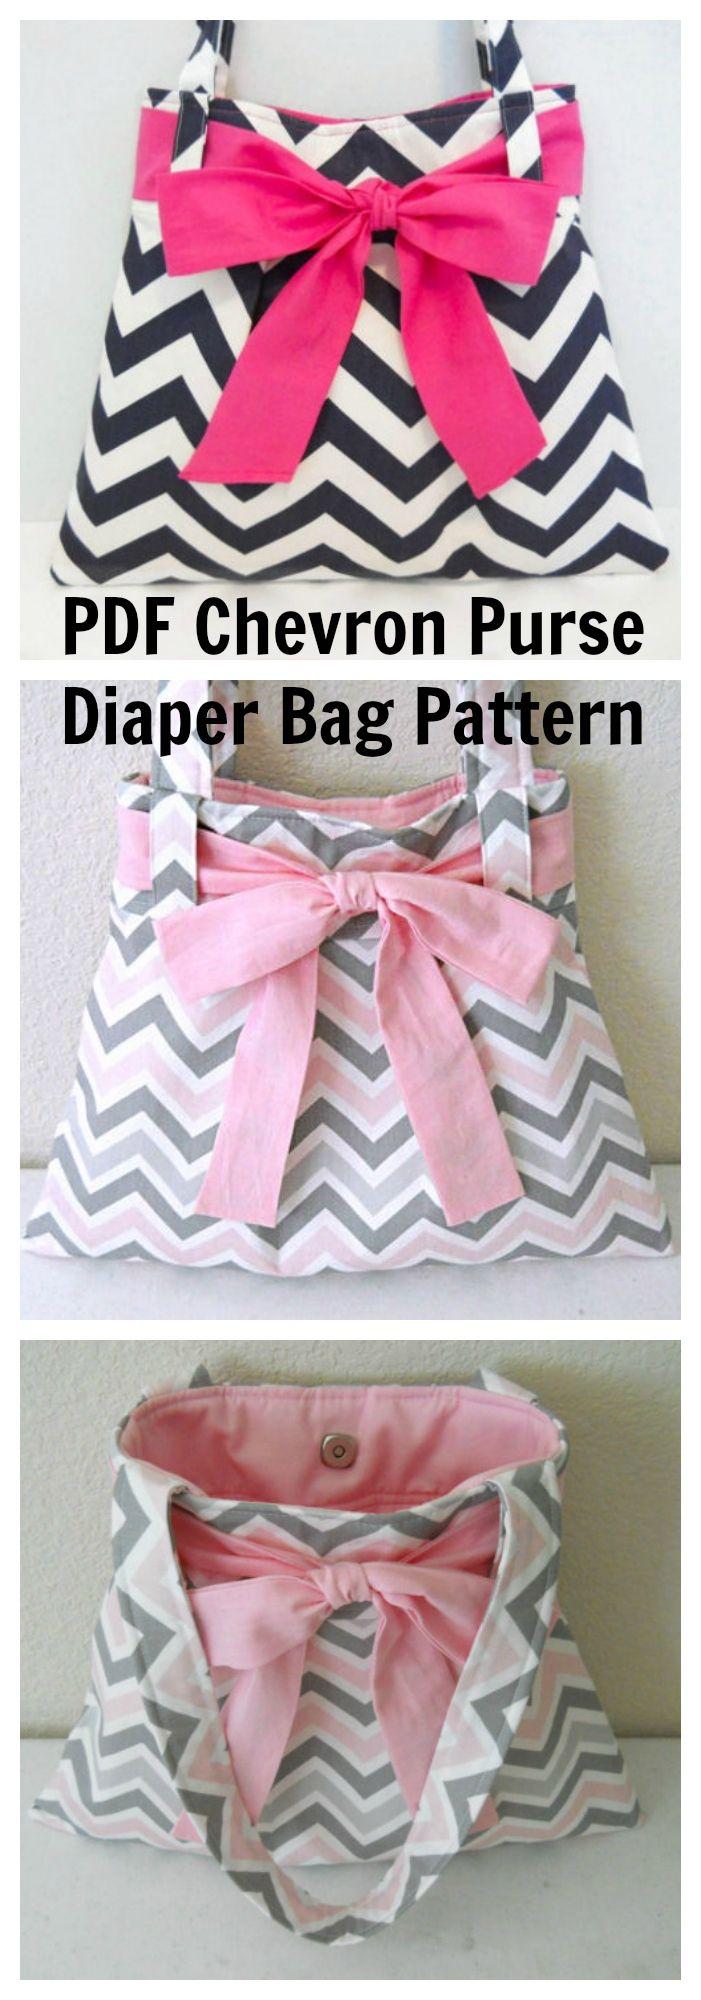 Chevron Purse Diaper Bag pdf sewing pattern.